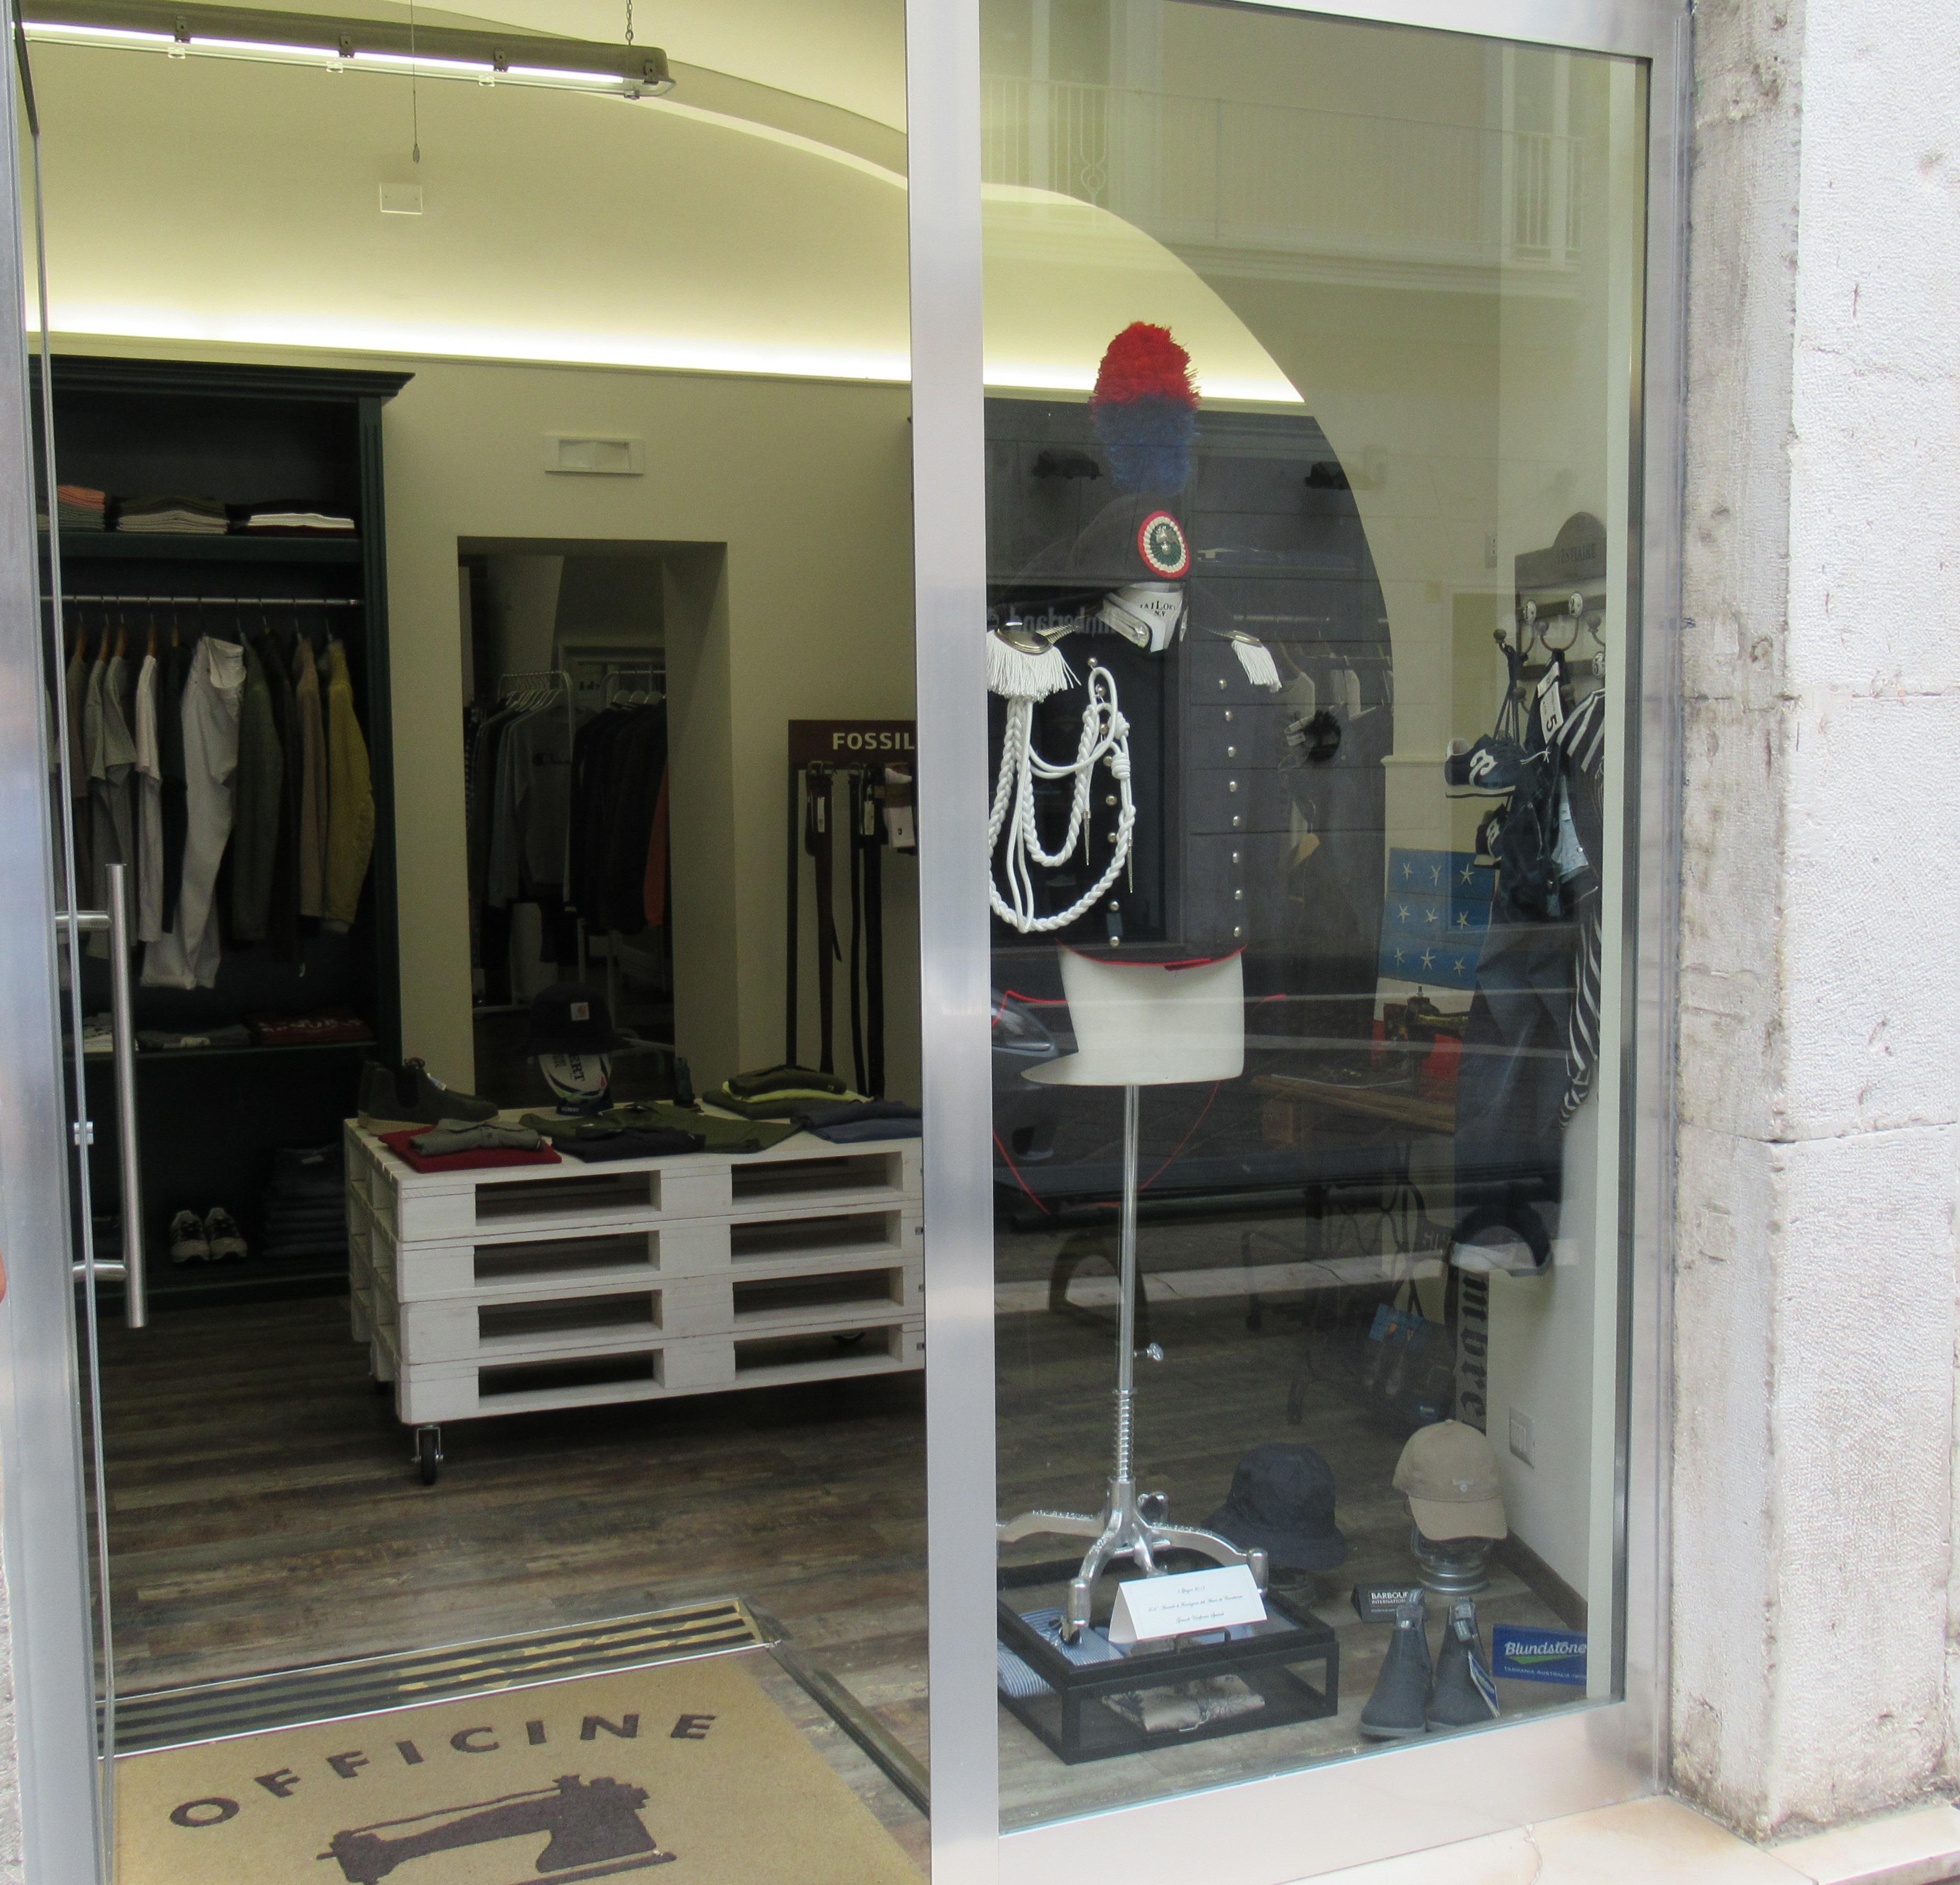 Celebrazione del 204° Annuale di Fondazione dell'Arma dei Carabinieri, divise storiche saranno esposte nelle vetrine dei negozi di Benevento